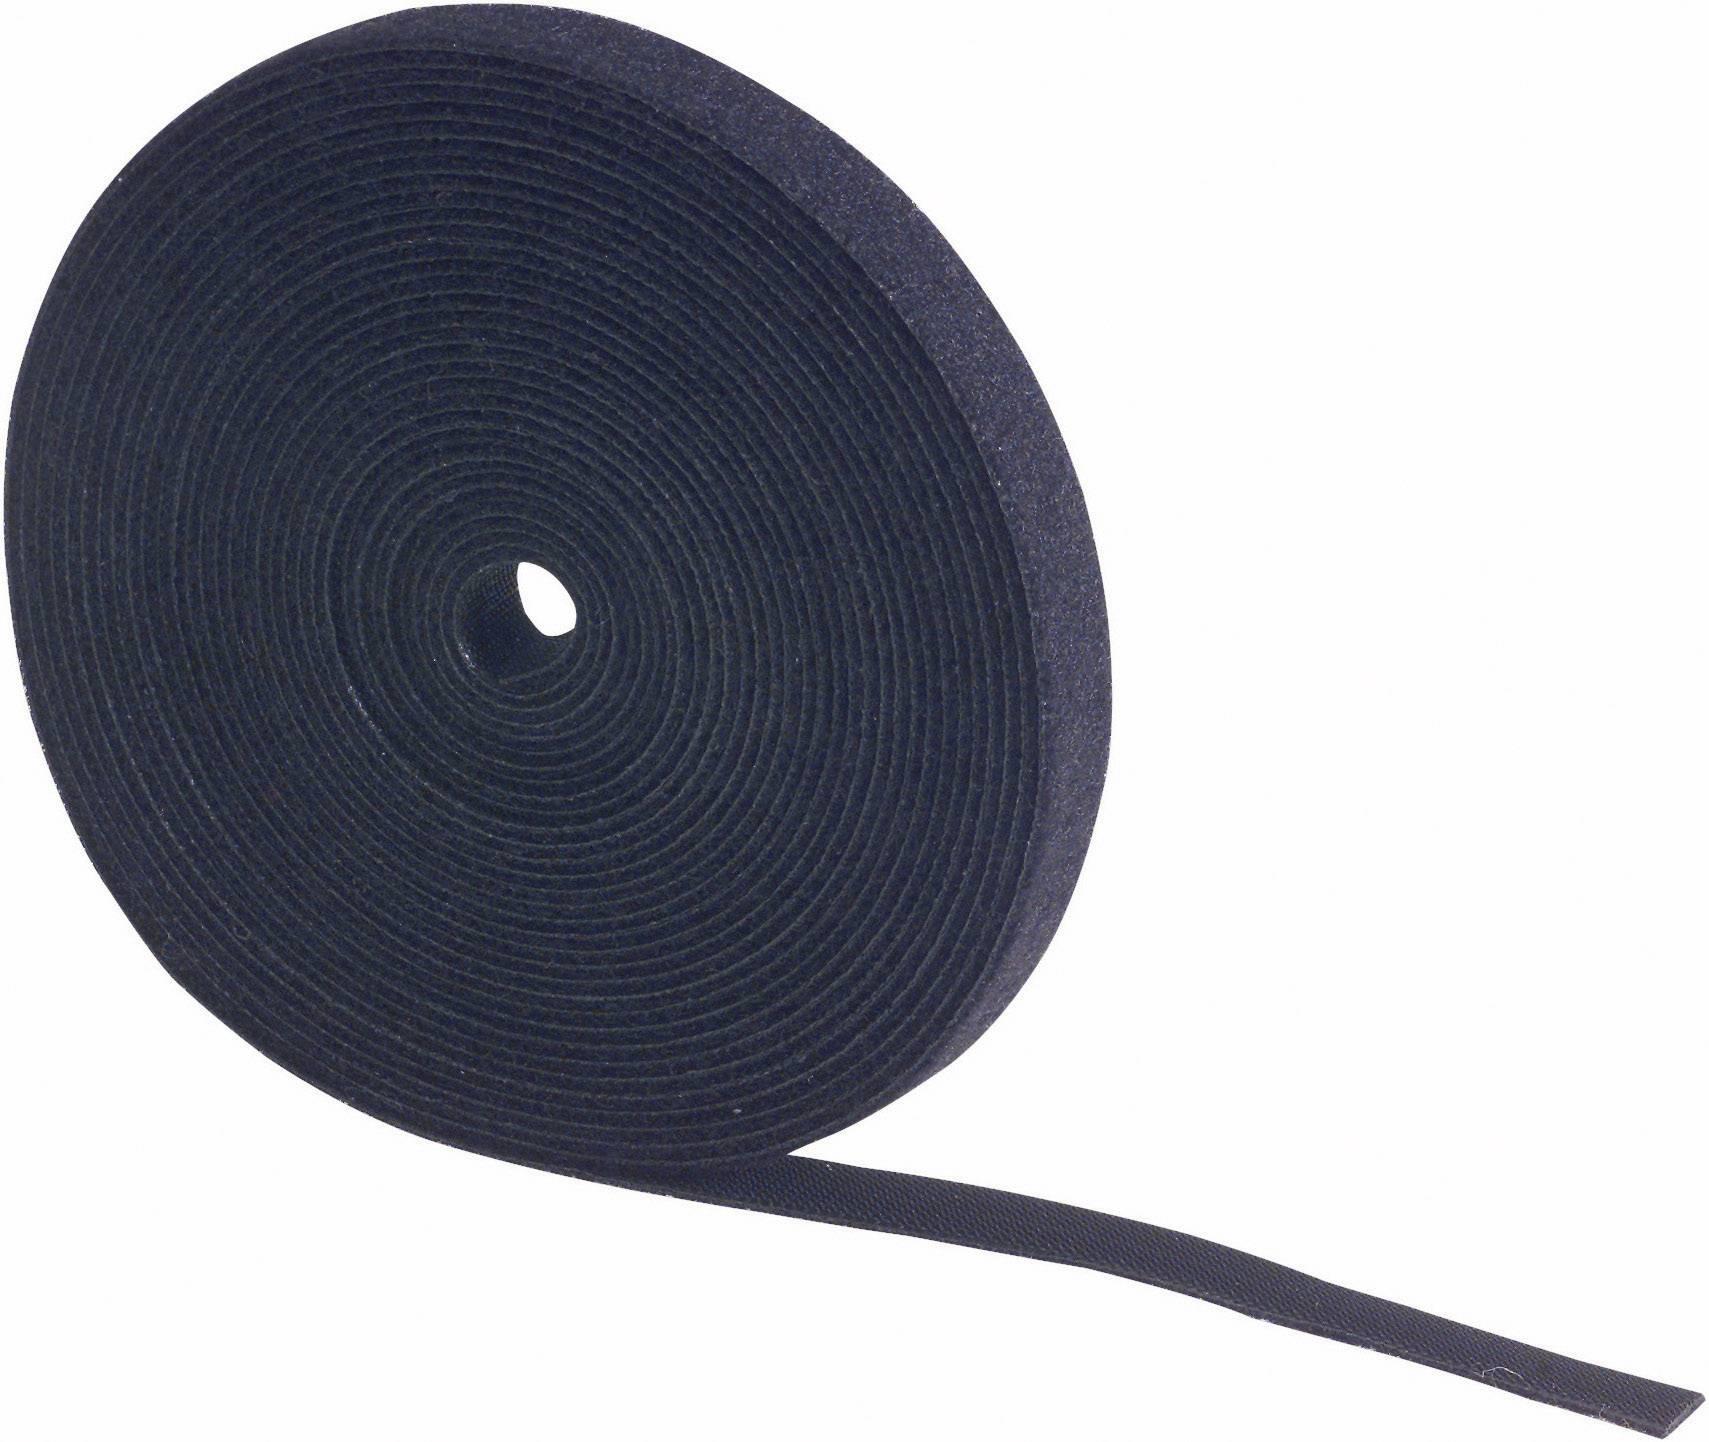 Pásik so suchým zipsom Fastech 695-330-Bag, (d x š) 5000 mm x 25 mm, čierna, 5 m